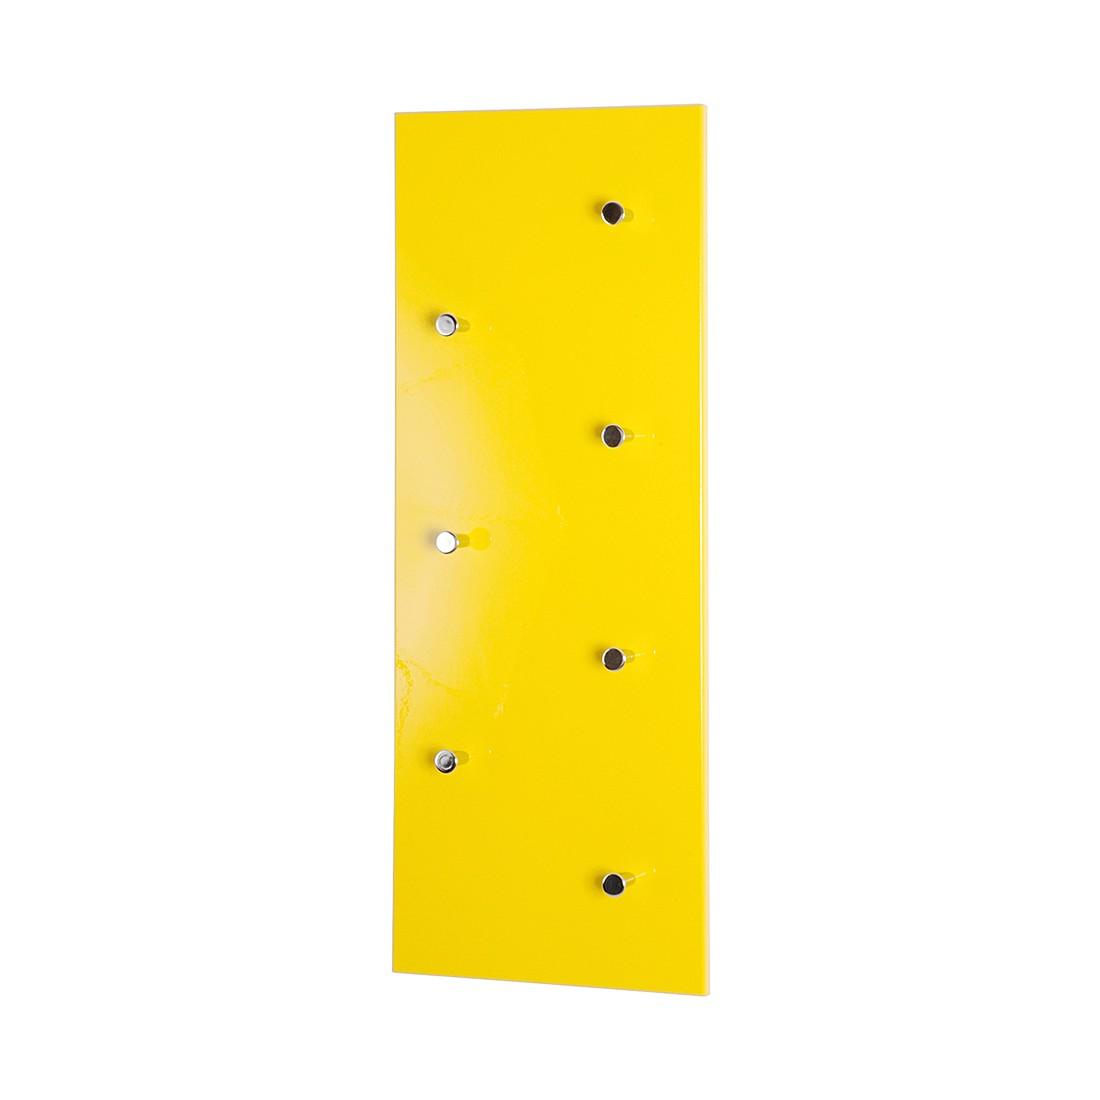 Home 24 - Portemanteau mural proka - jaune brillant, home design